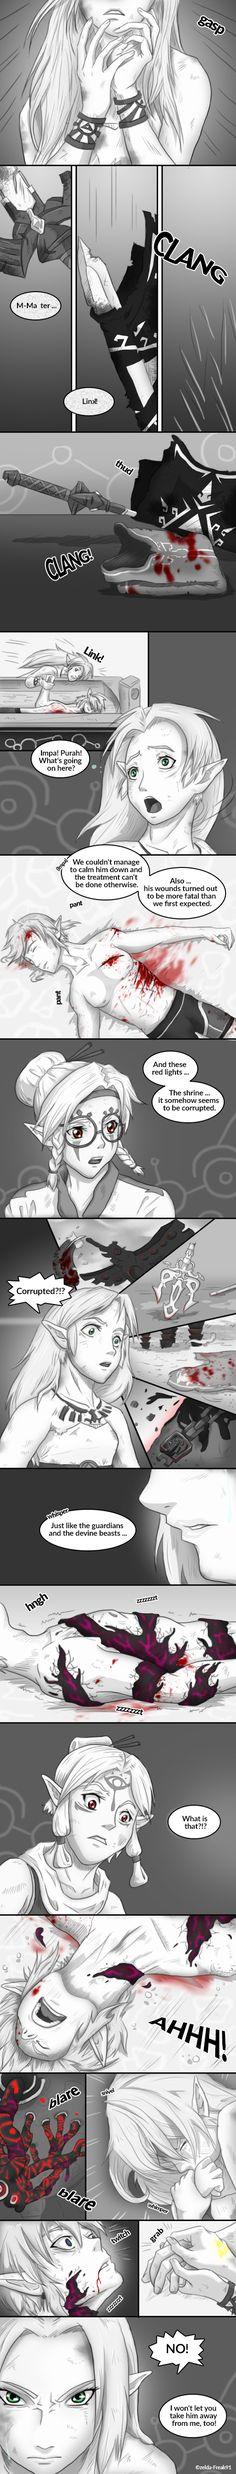 Part 3 - Zelda: broken - by zelda-Freak91